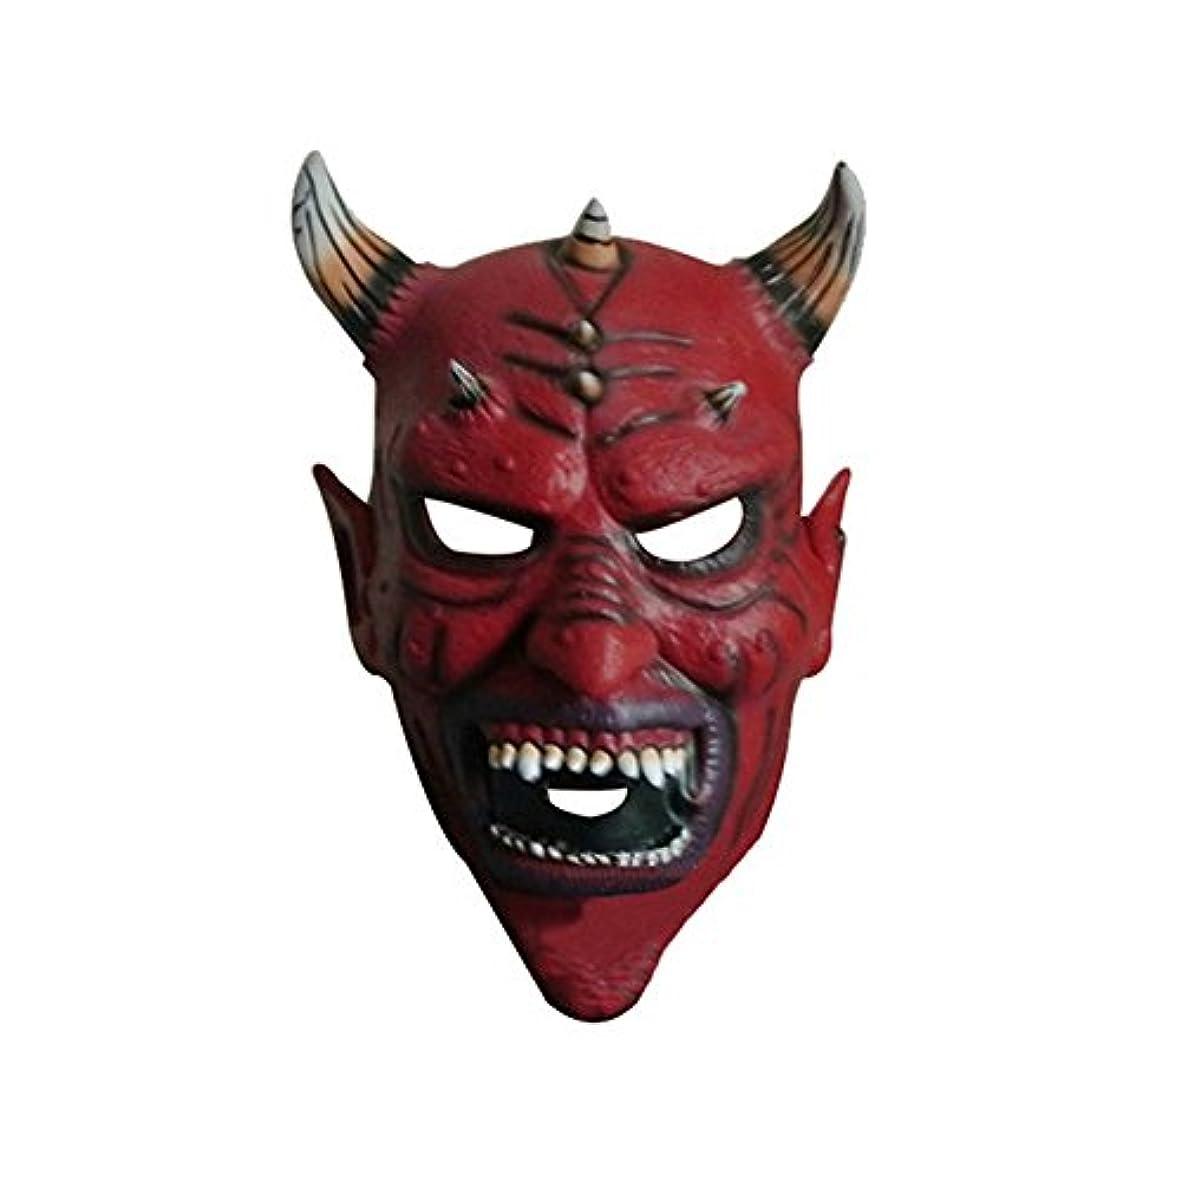 簡略化する日記危険を冒しますハロウィーンデビルカーニバルナイトパーティーホーンヘッドマスク